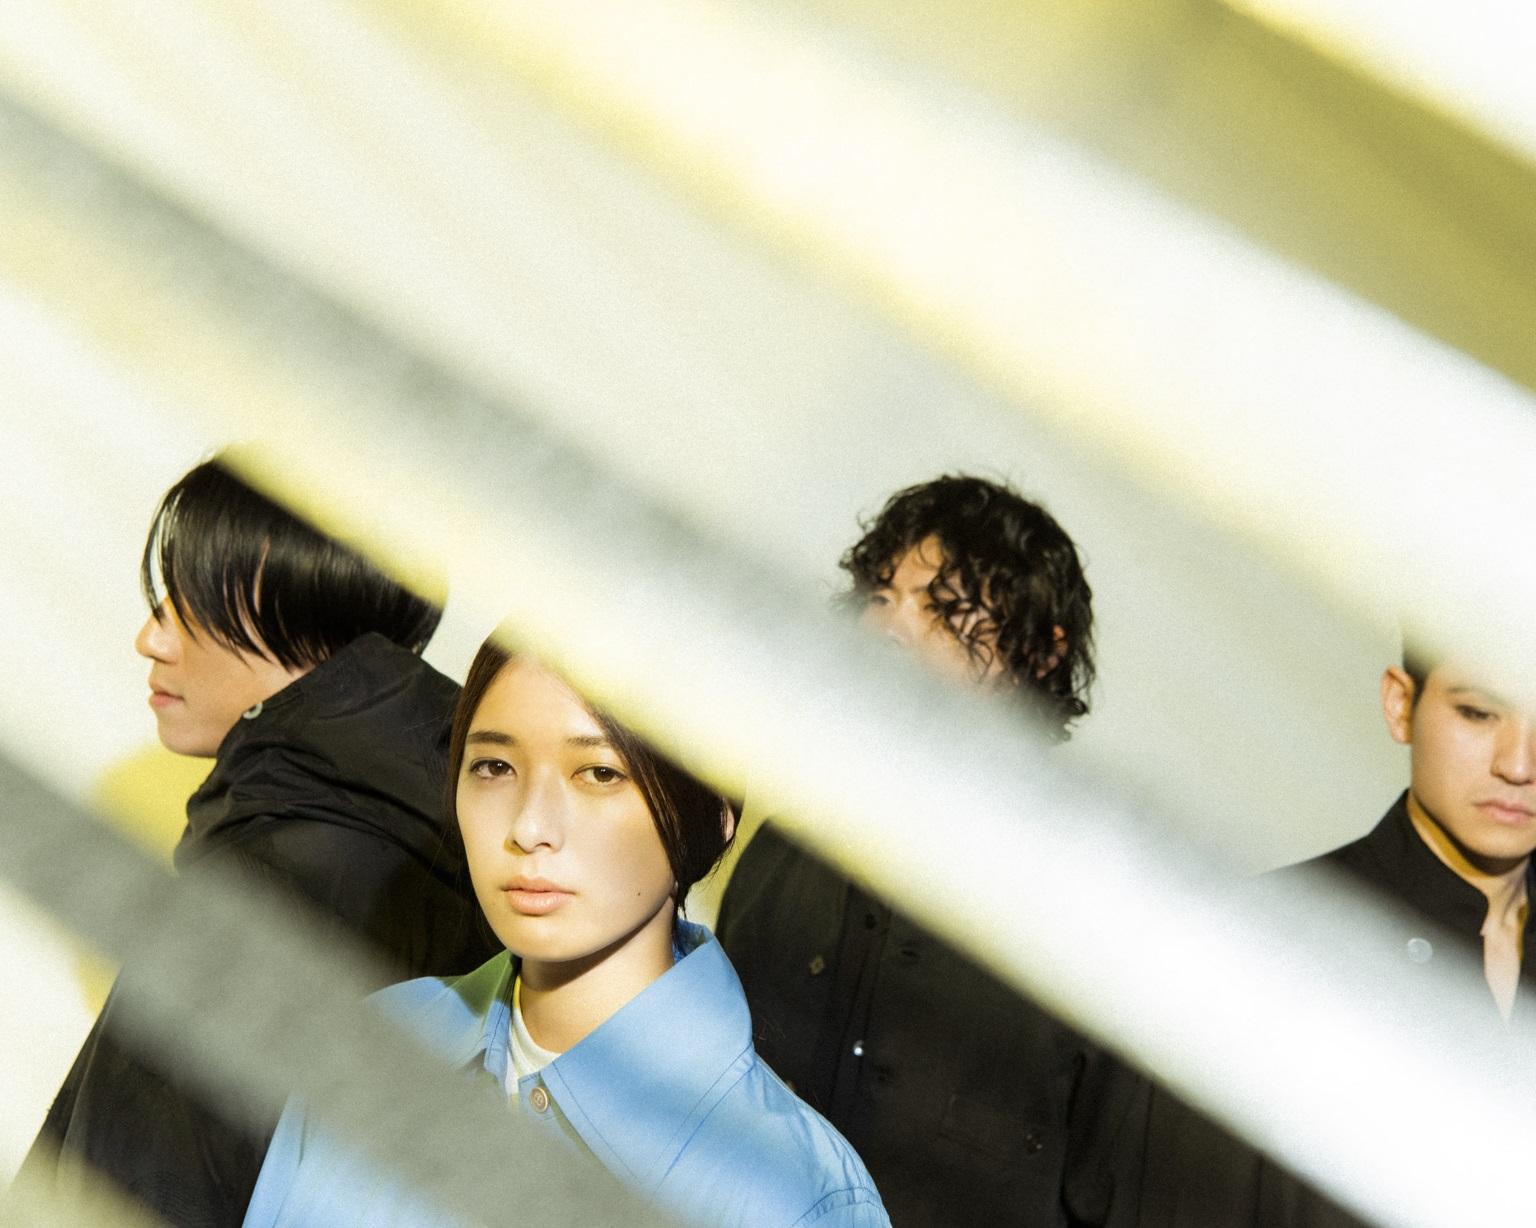 集団行動、新曲「1999」アニメMV&最新アルバムのセルフライナーノーツ第一弾も公開サムネイル画像